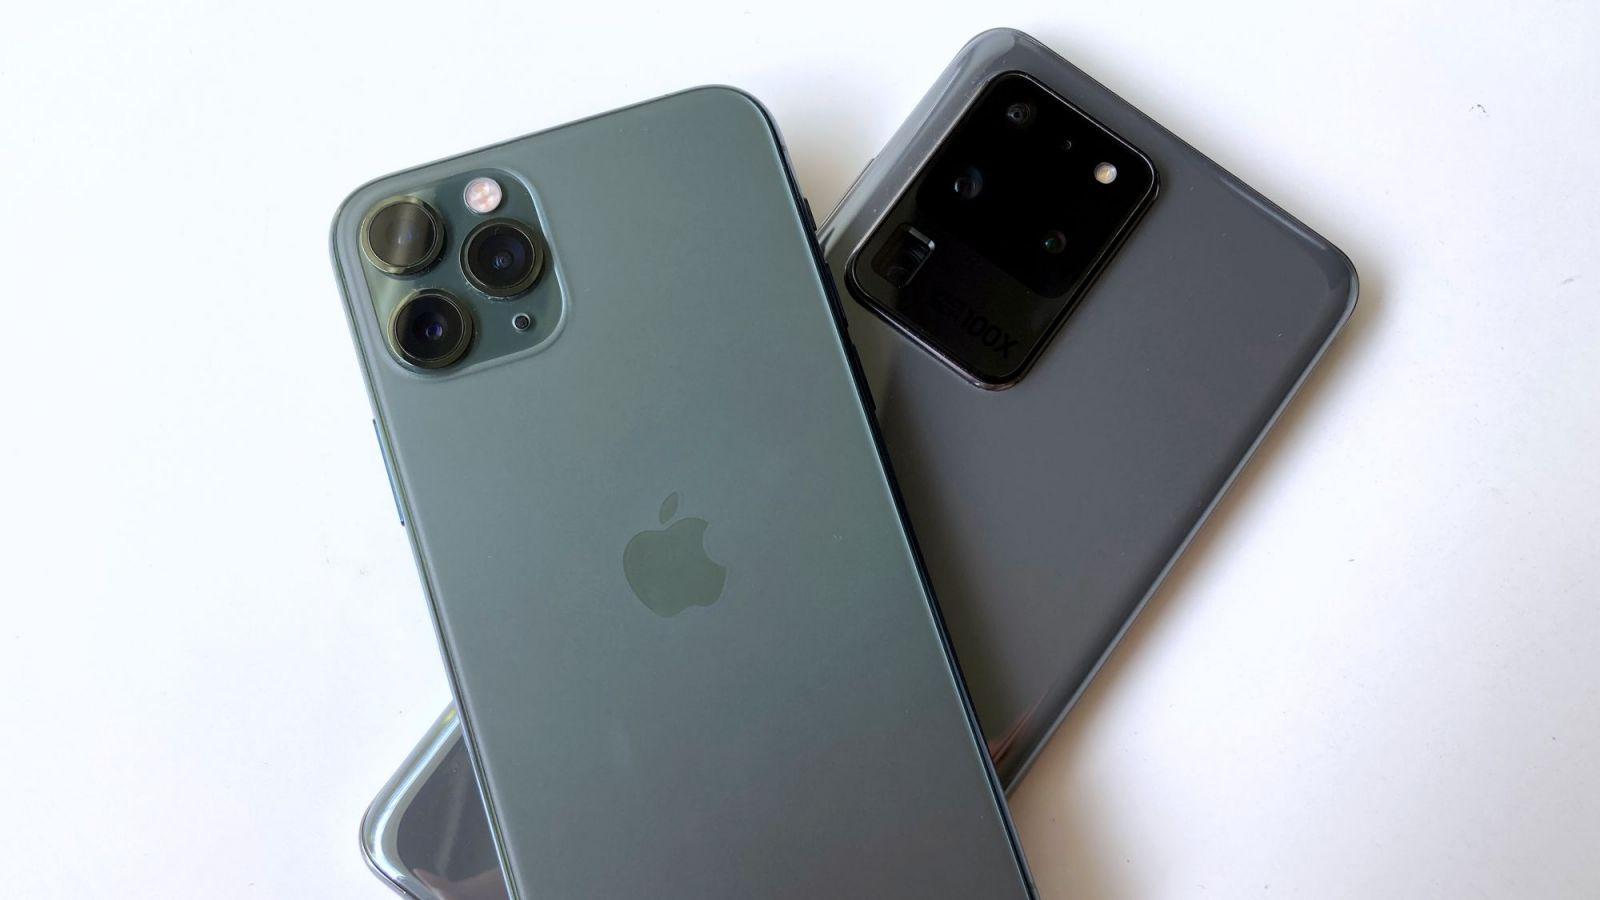 Má ešte zmysel riešiť, ktorý top smartfón ponúka lepší fotoaparát? Porovnali sme Samsung Galaxy S20 Ultra a Apple iPhone 11 Pro